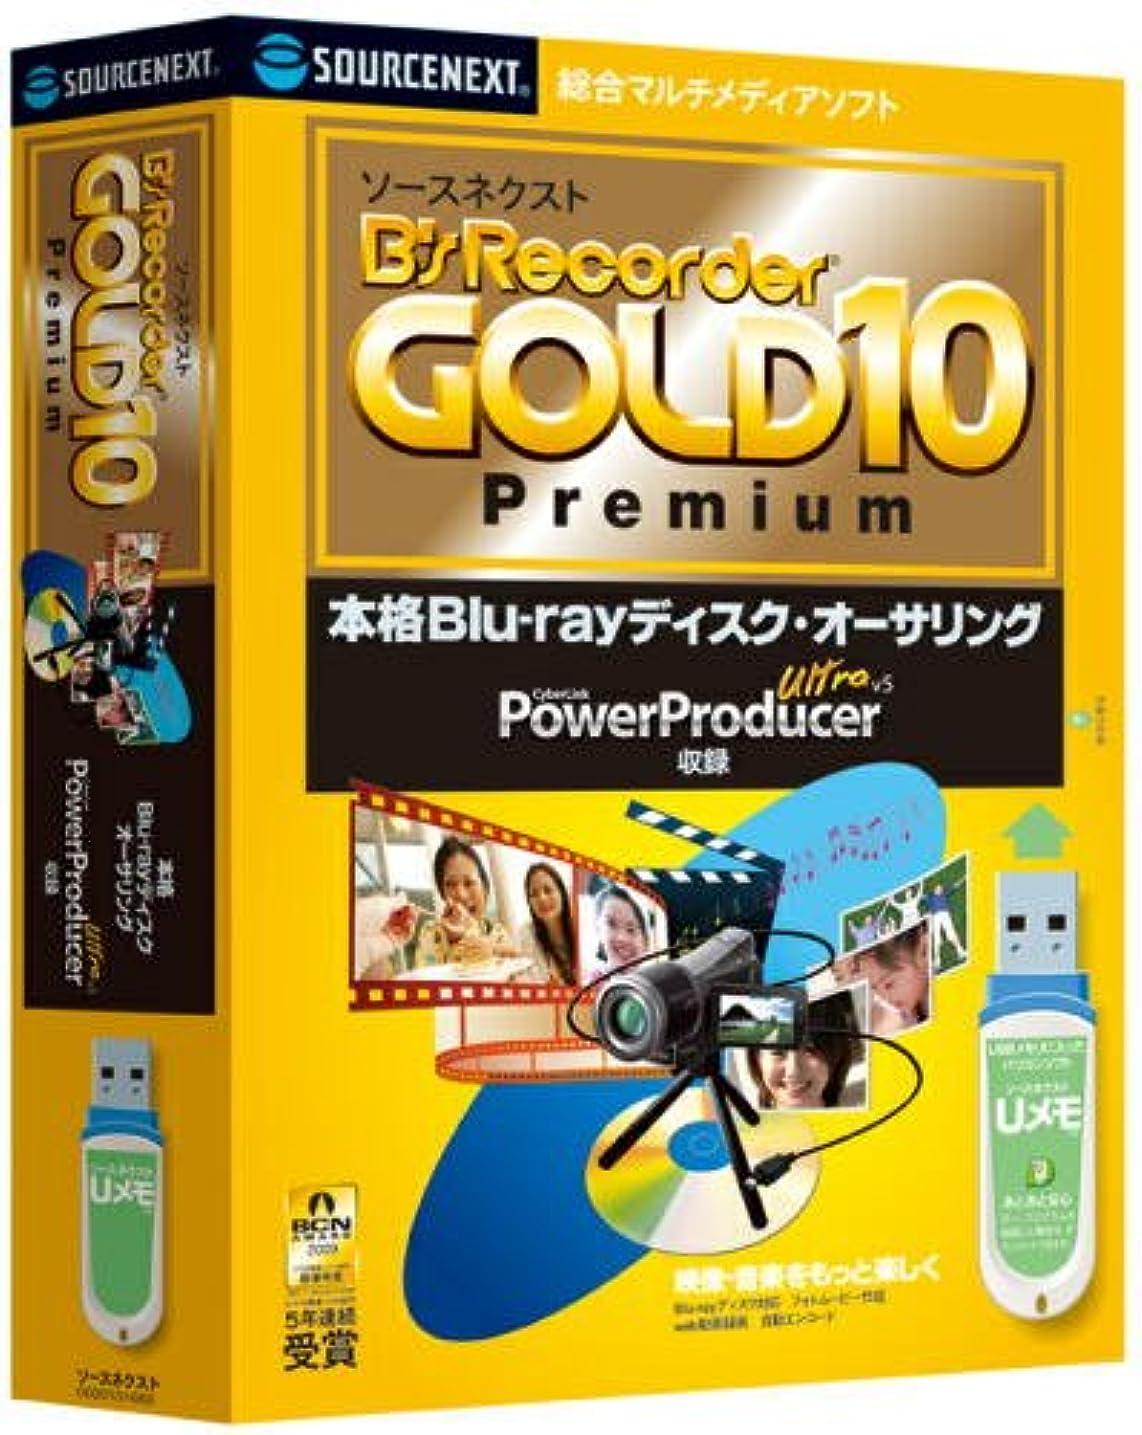 イライラする排気覗くソースネクスト B's Recorder GOLD10 Premium (Uメモ)